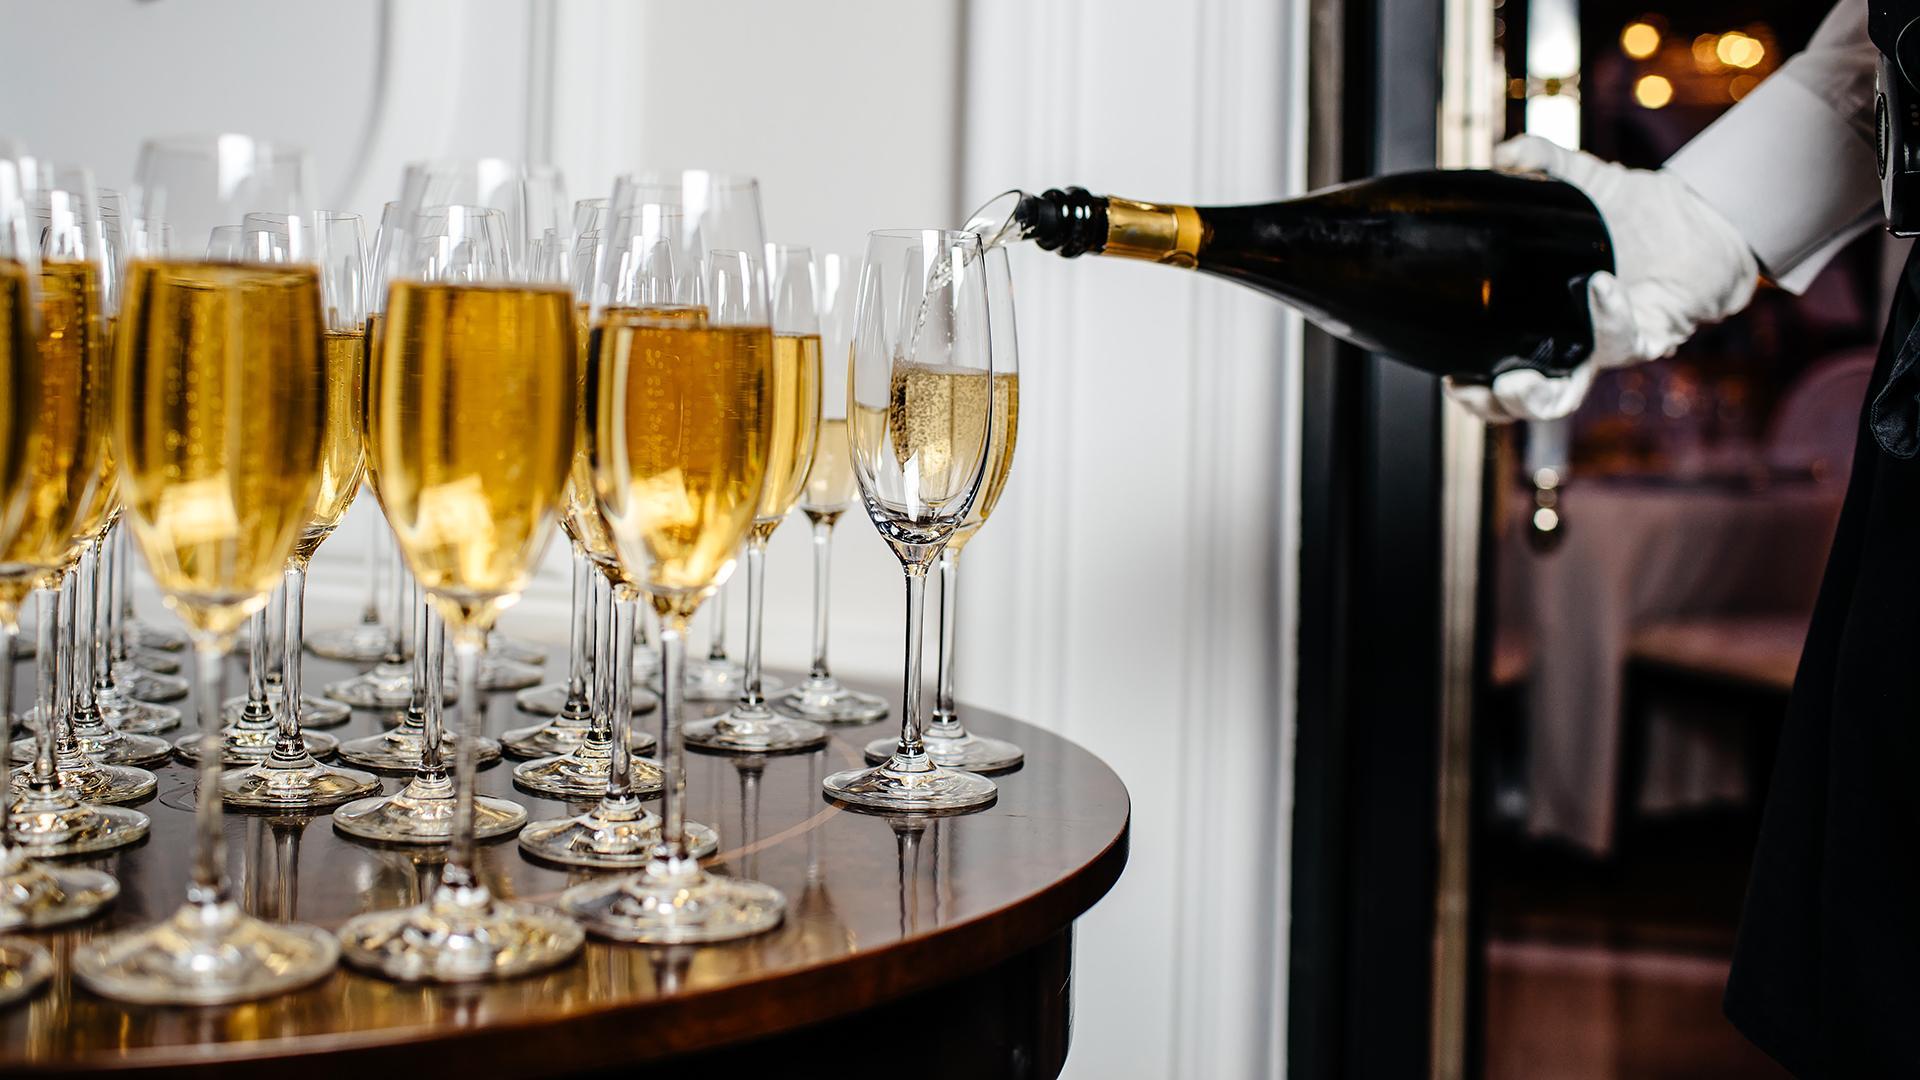 Врач назвал продукты, которыми нельзя закусывать шампанское